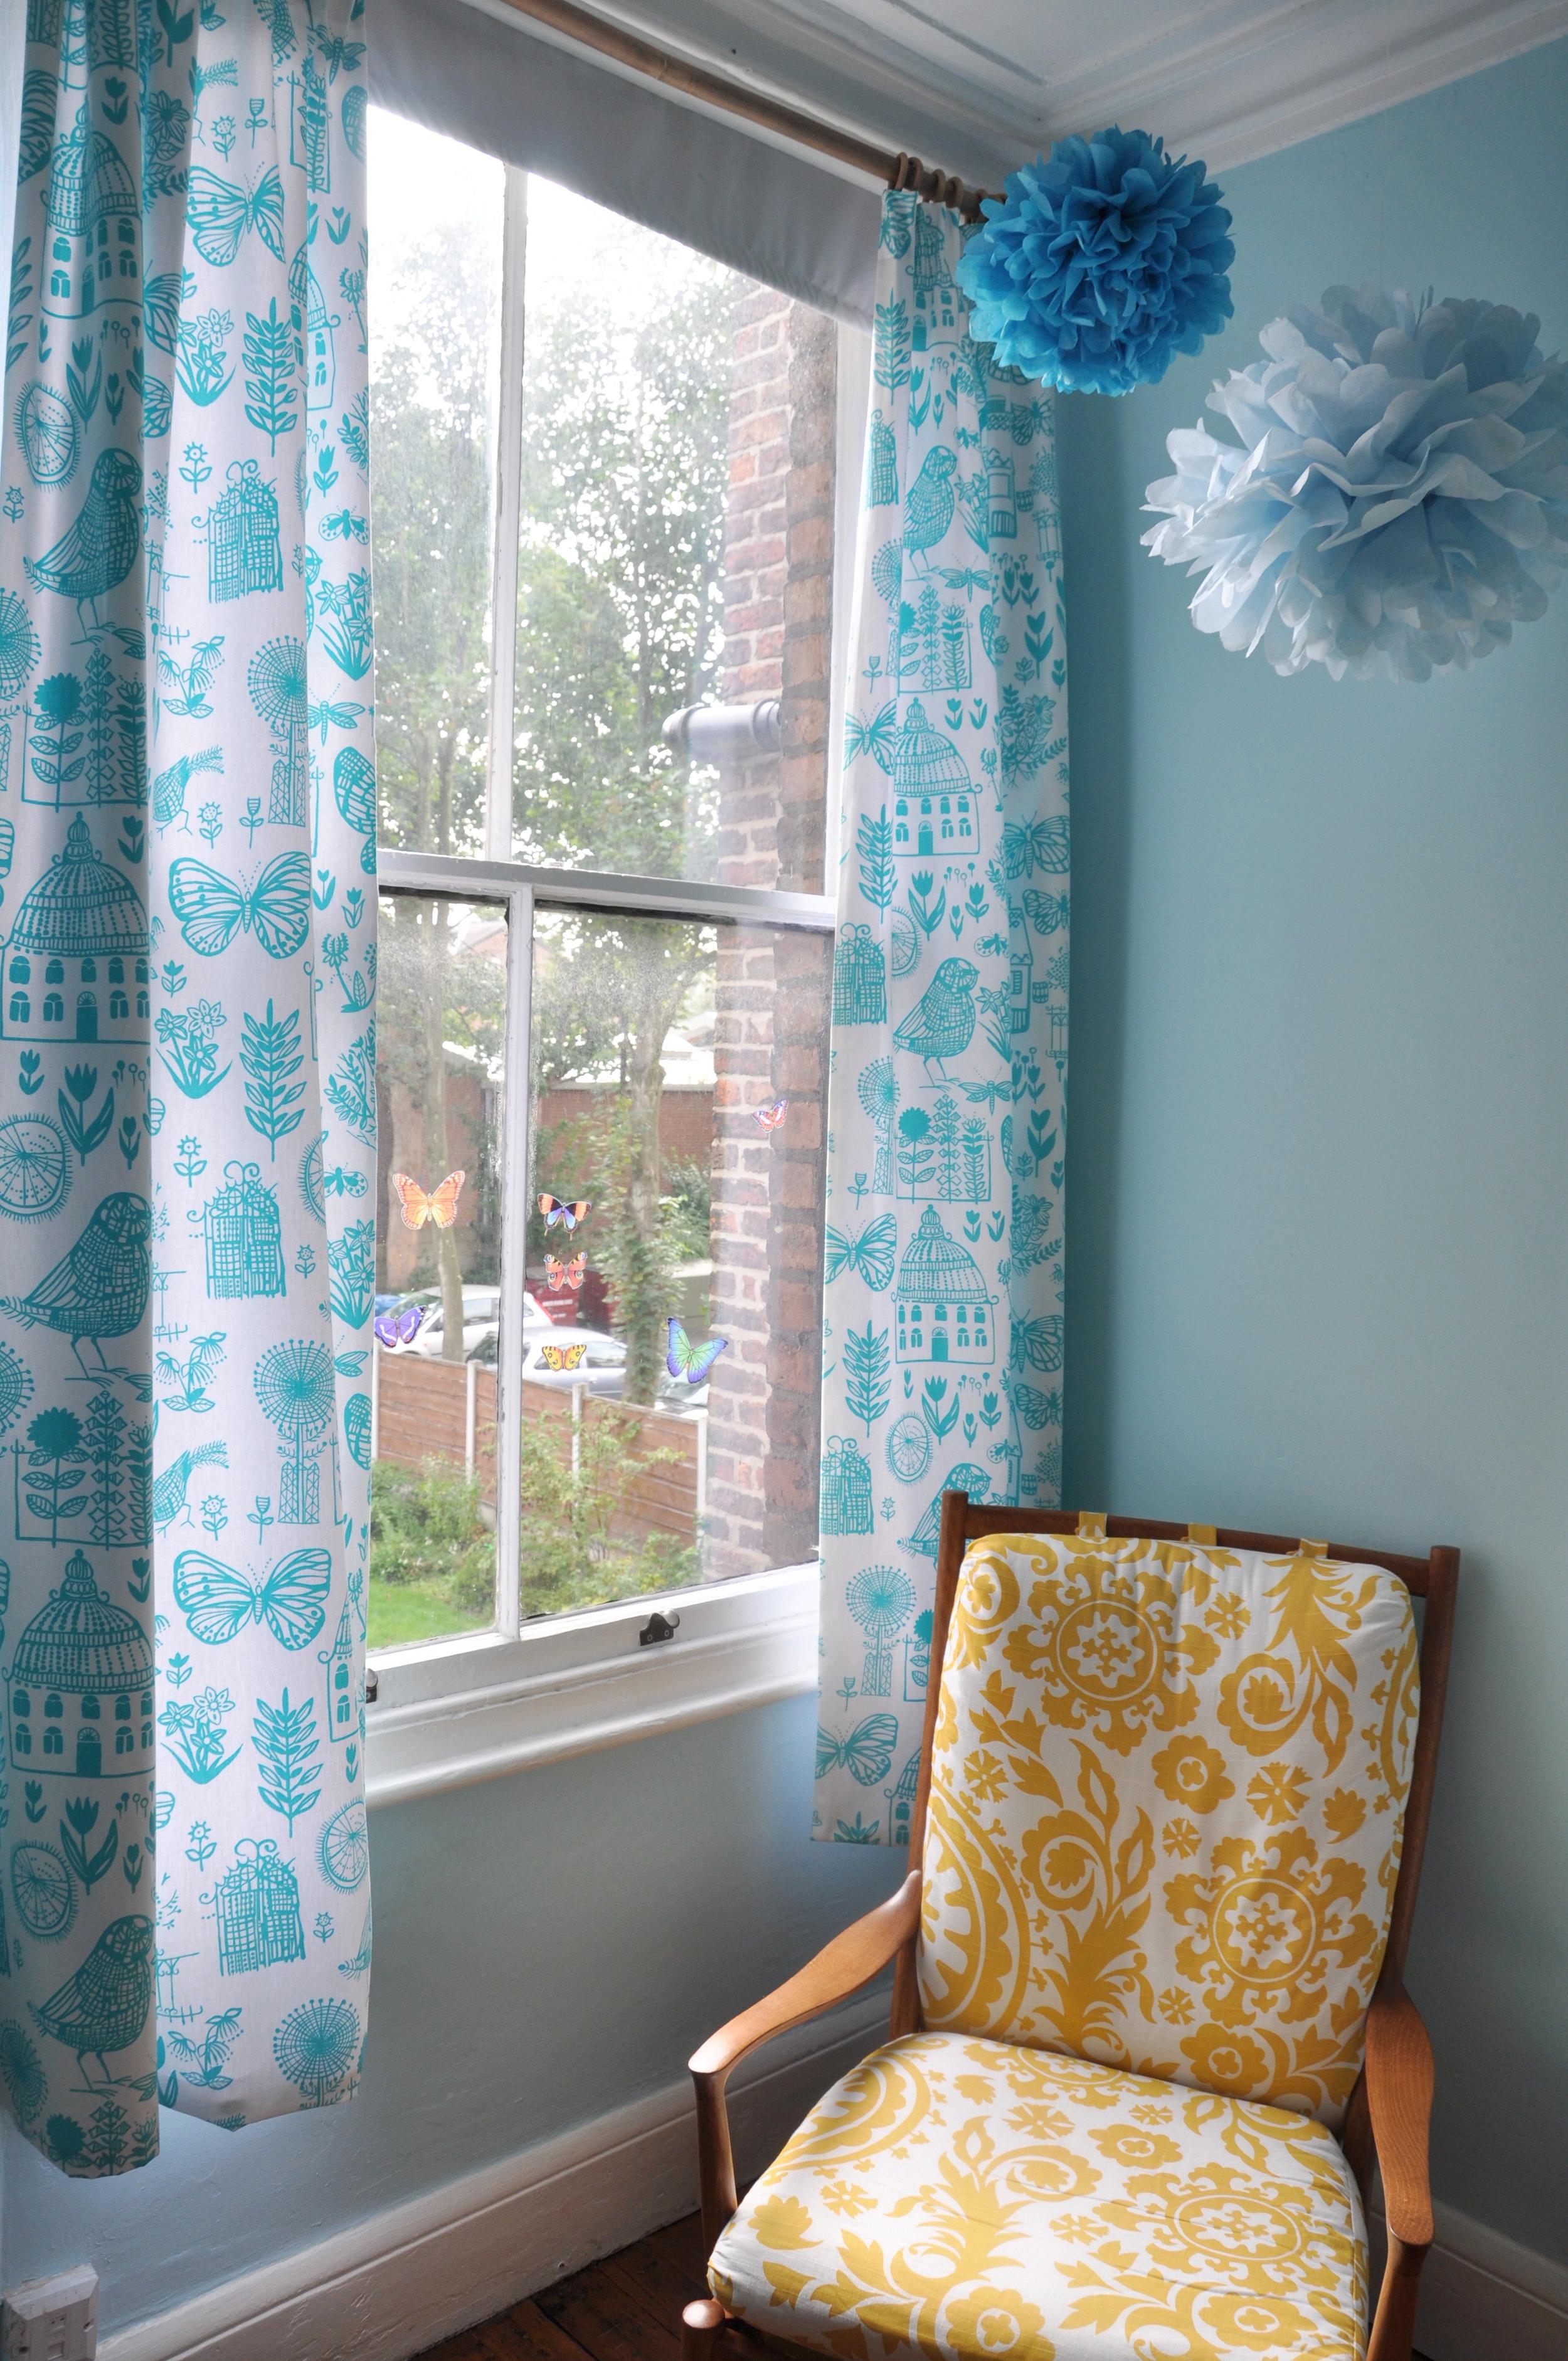 Nataliau0027s Turquoise Bedroom Curtains